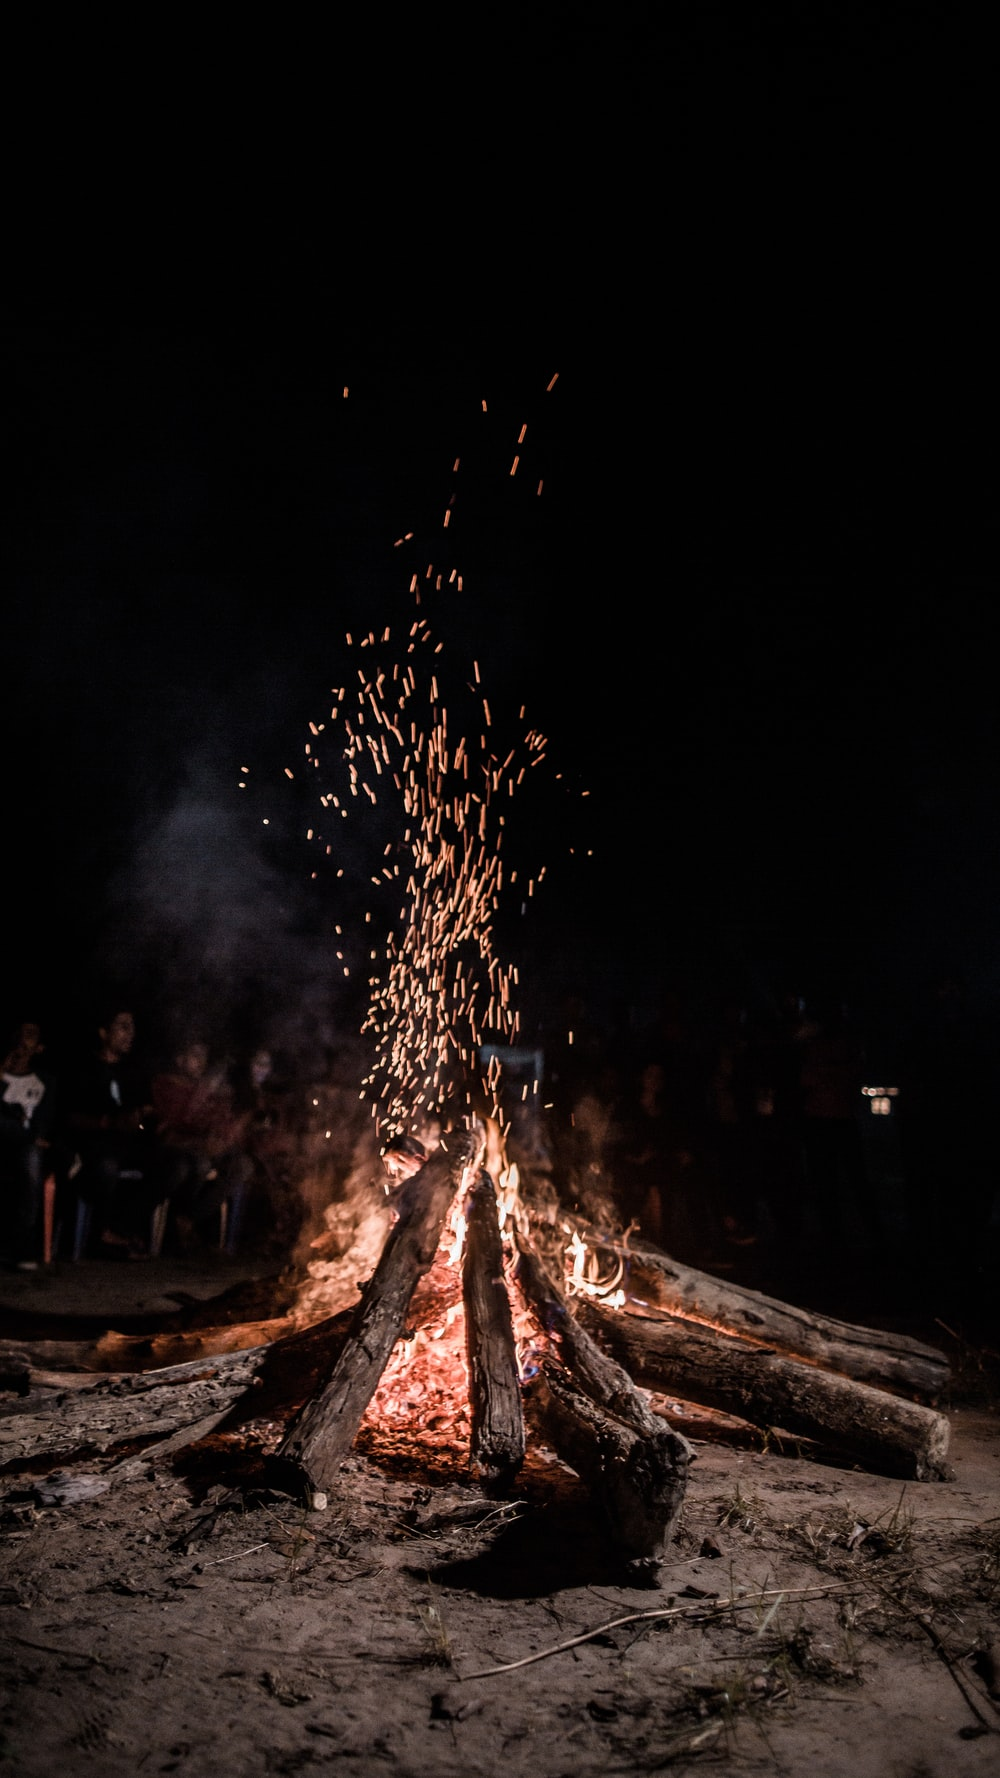 bonfire photograph